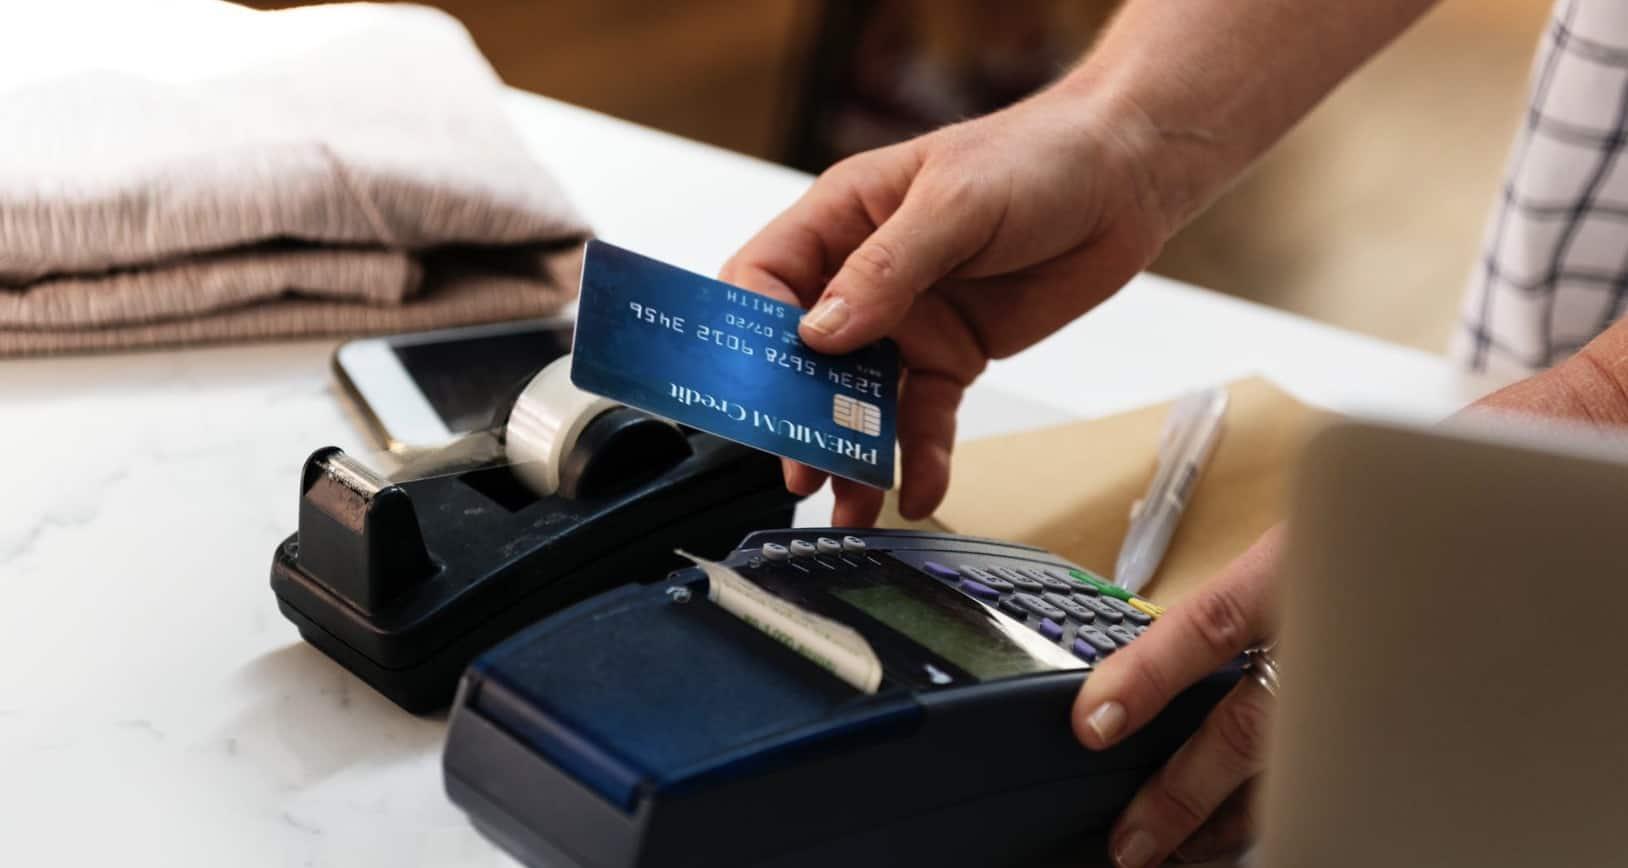 Płacenie kartą u bukmachera online